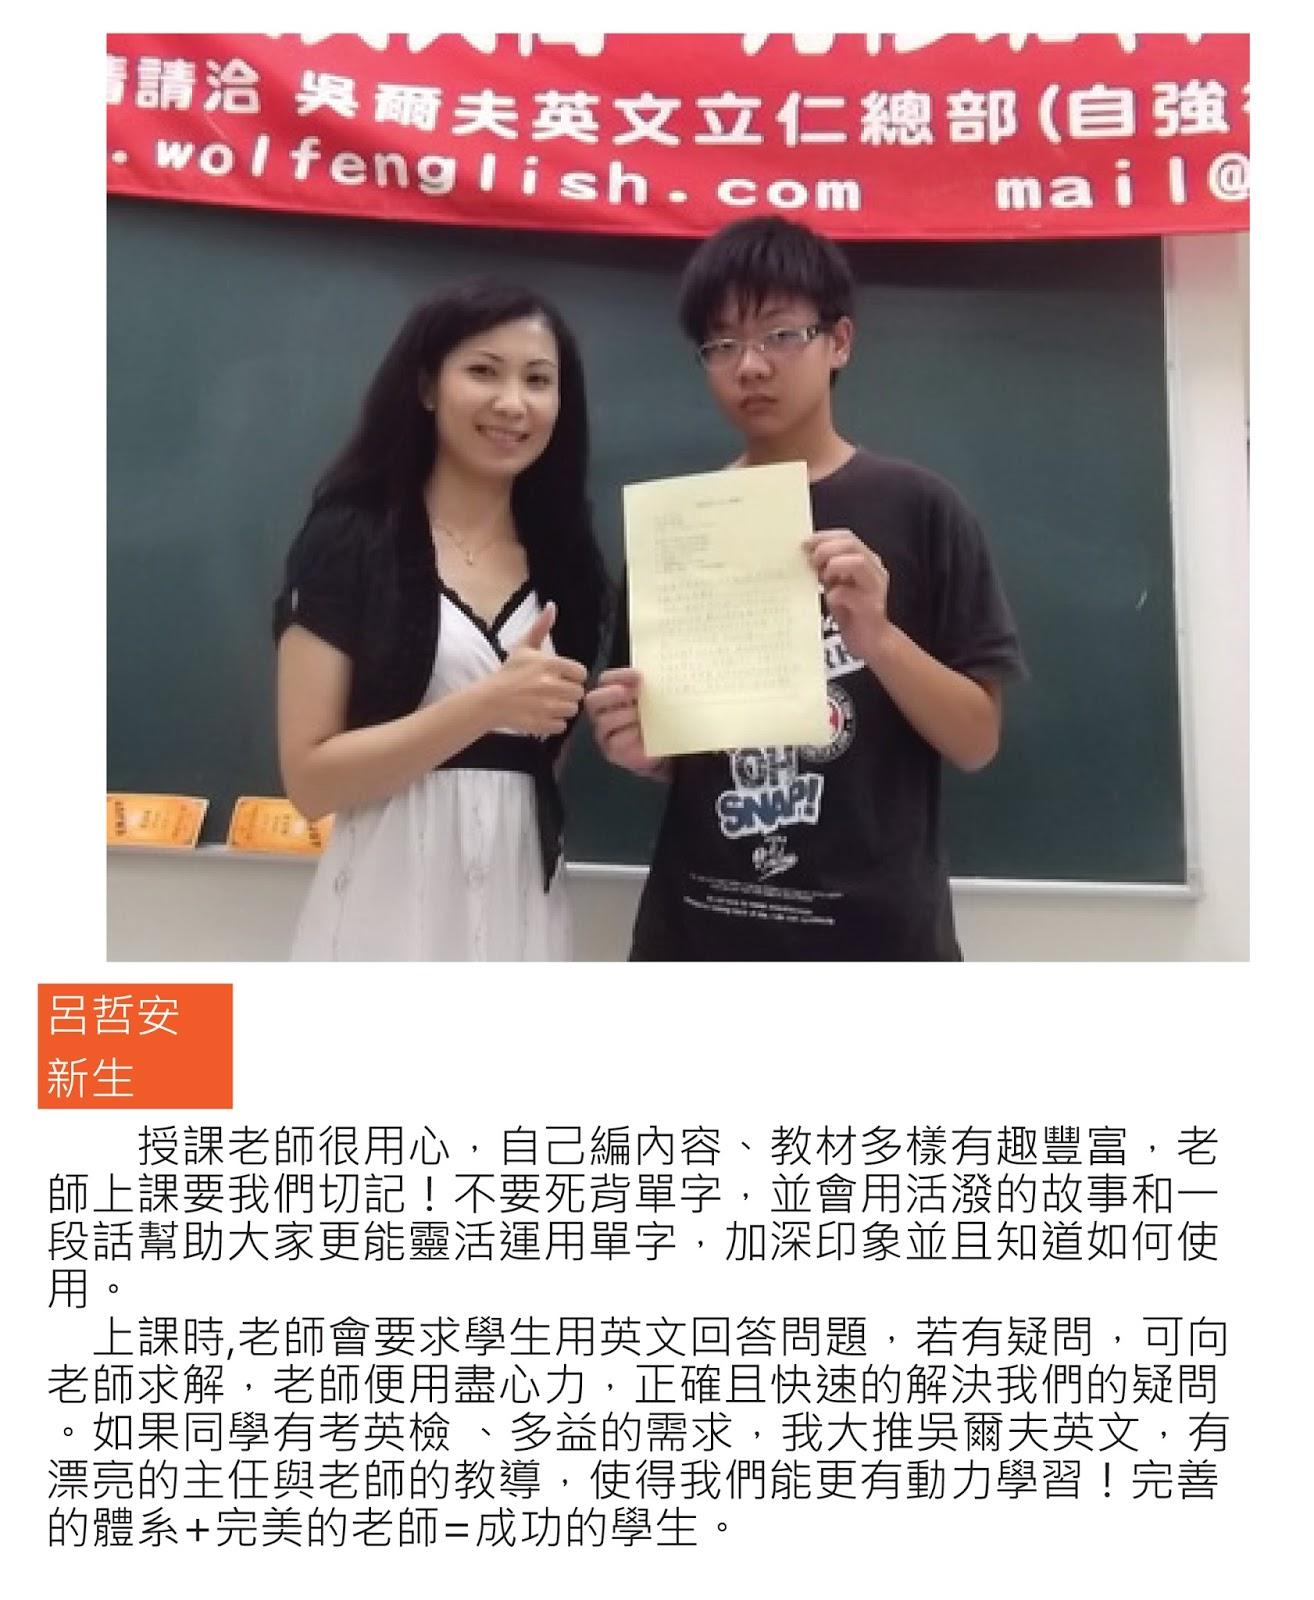 中級初試C班學員上課感言及推薦-呂哲安 « 吳爾夫英文–英檢證照的專家